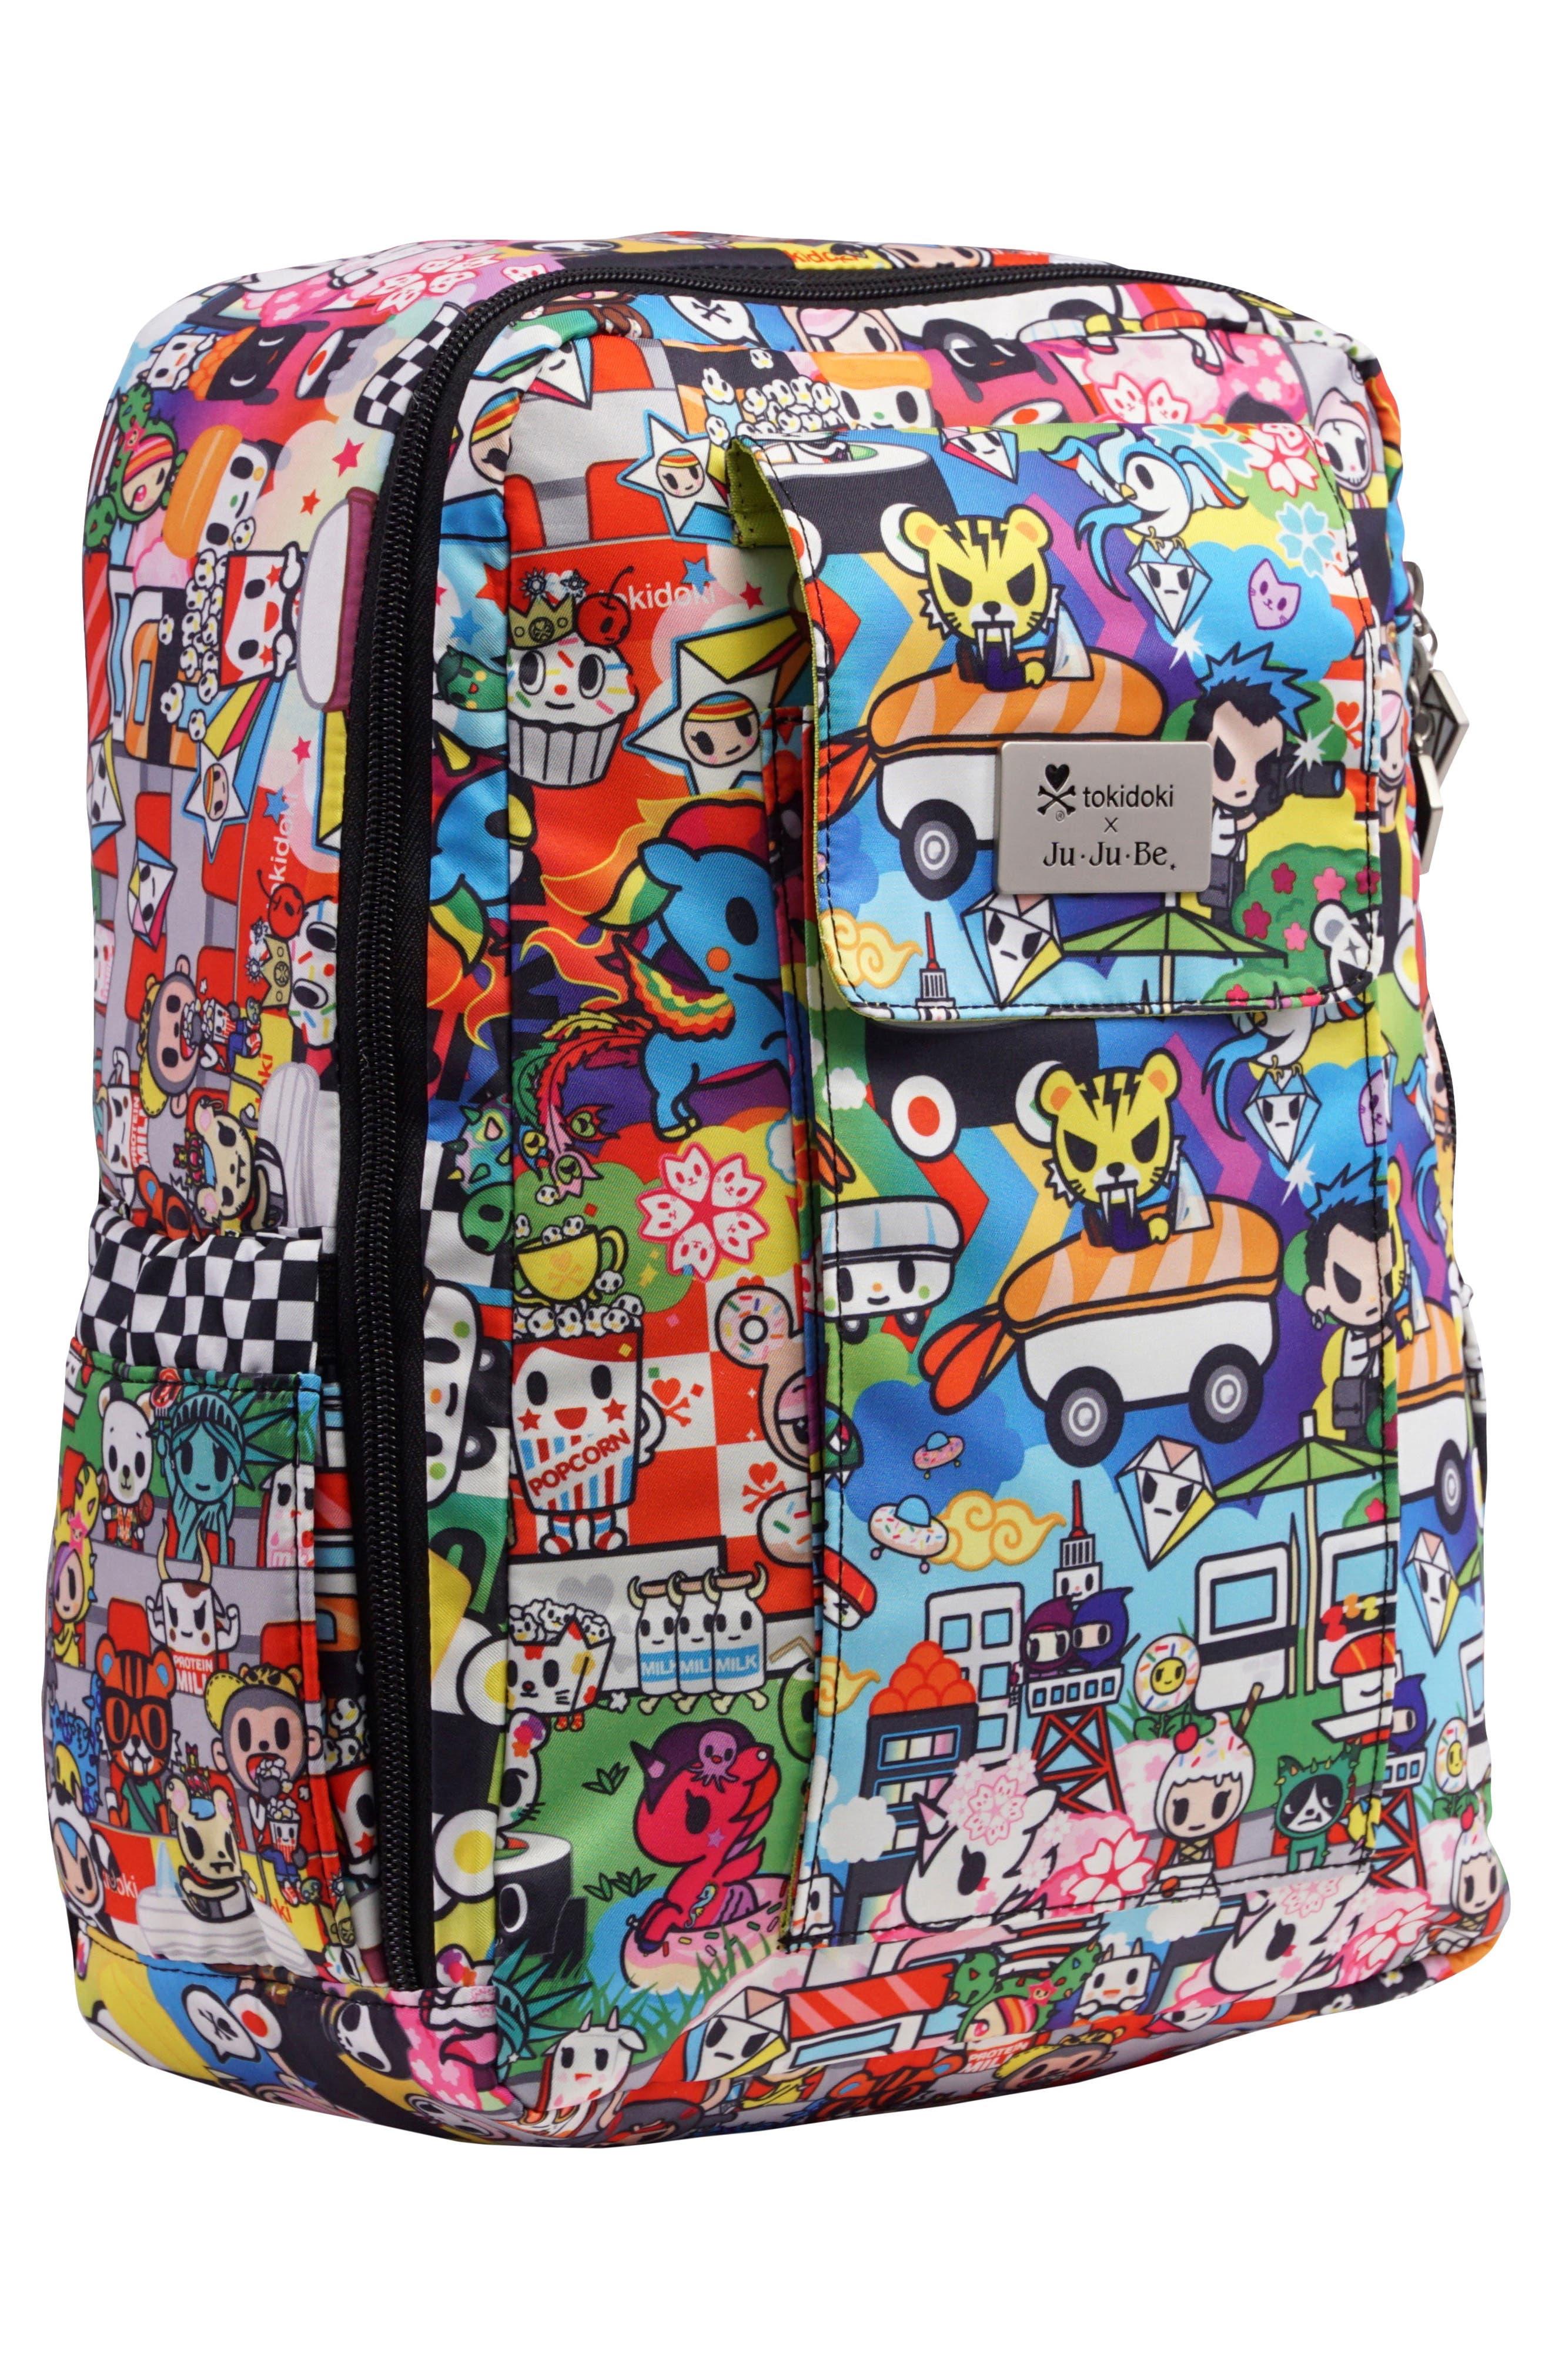 tokidoki x Ju-Ju-Be 'Mini Be' Backpack,                             Alternate thumbnail 4, color,                             SUSHI CARS